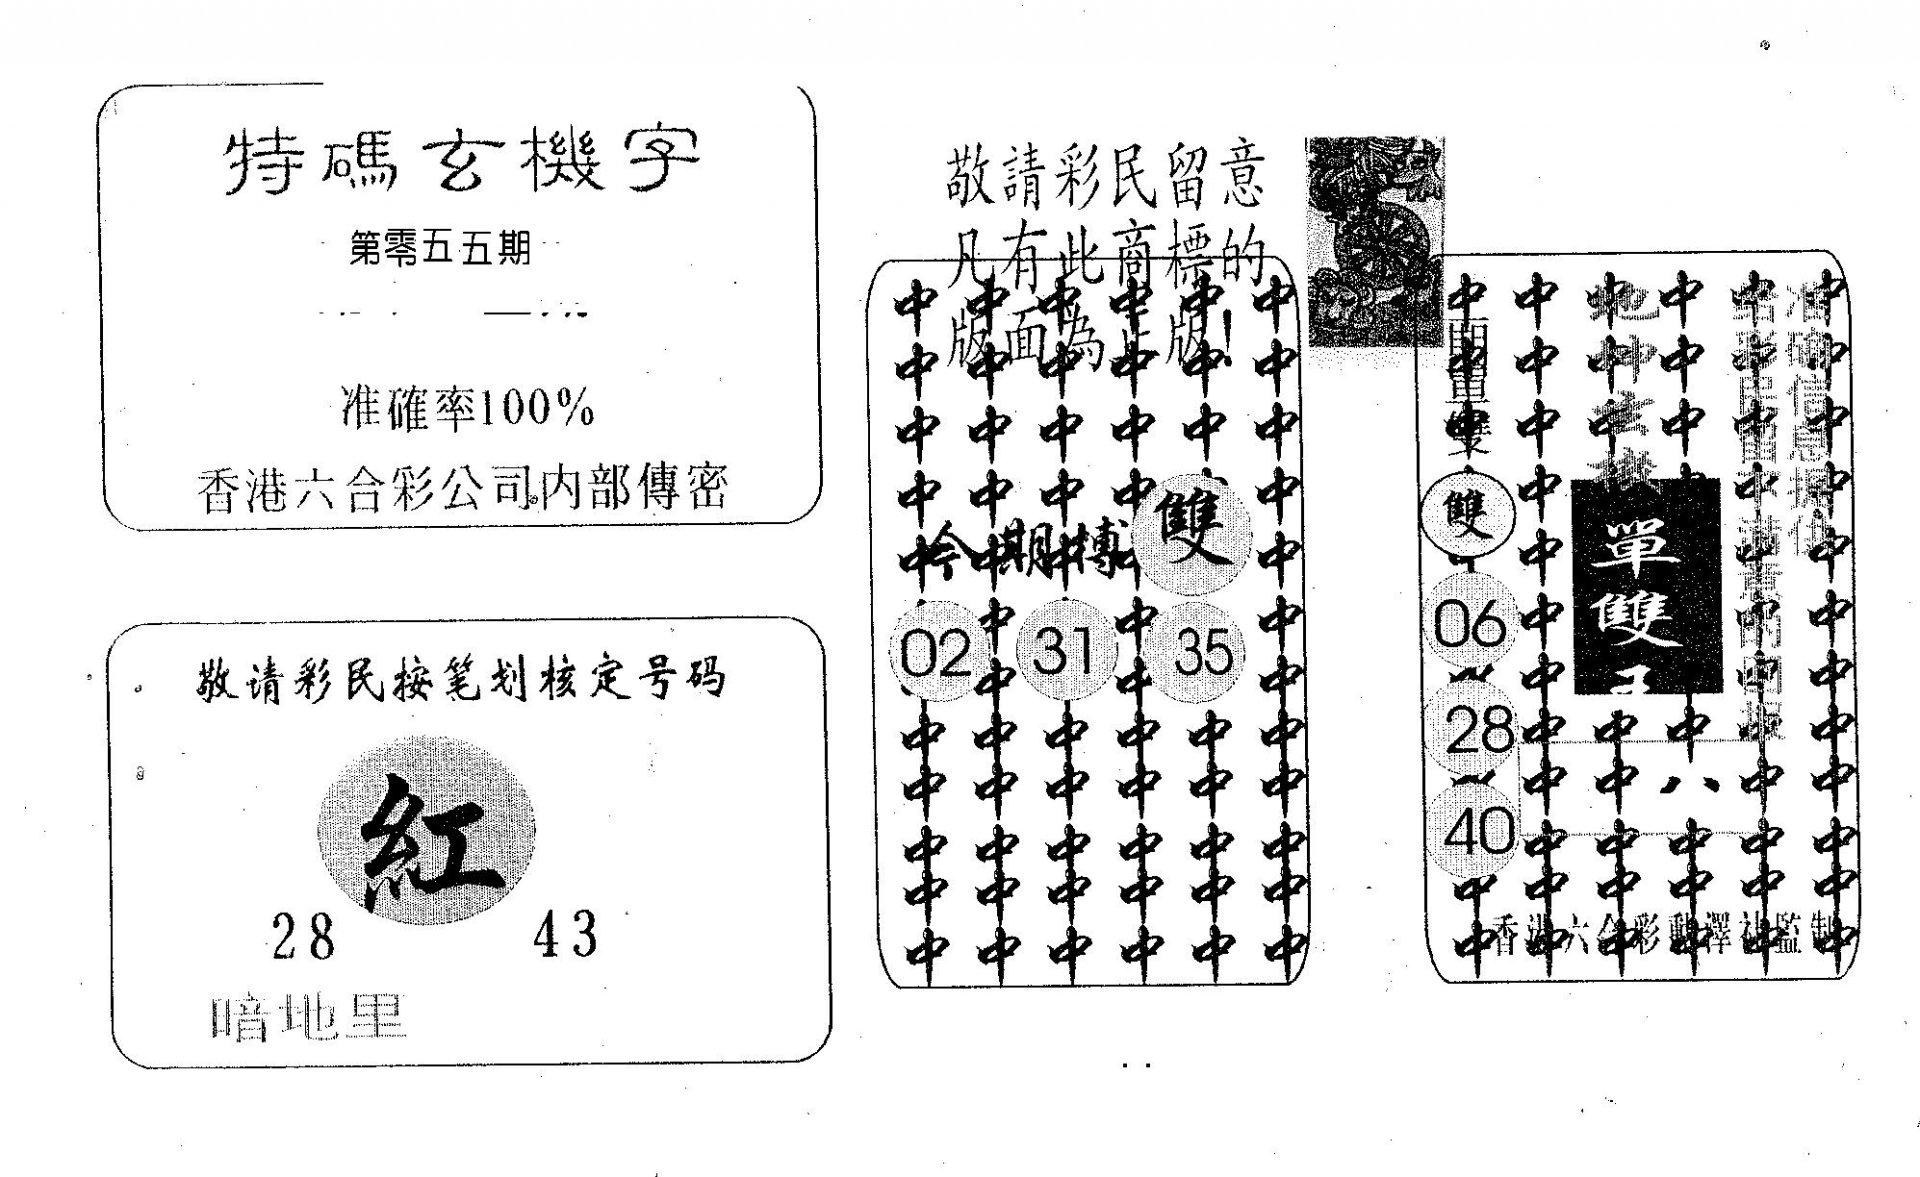 055期特码玄机字(黑白)